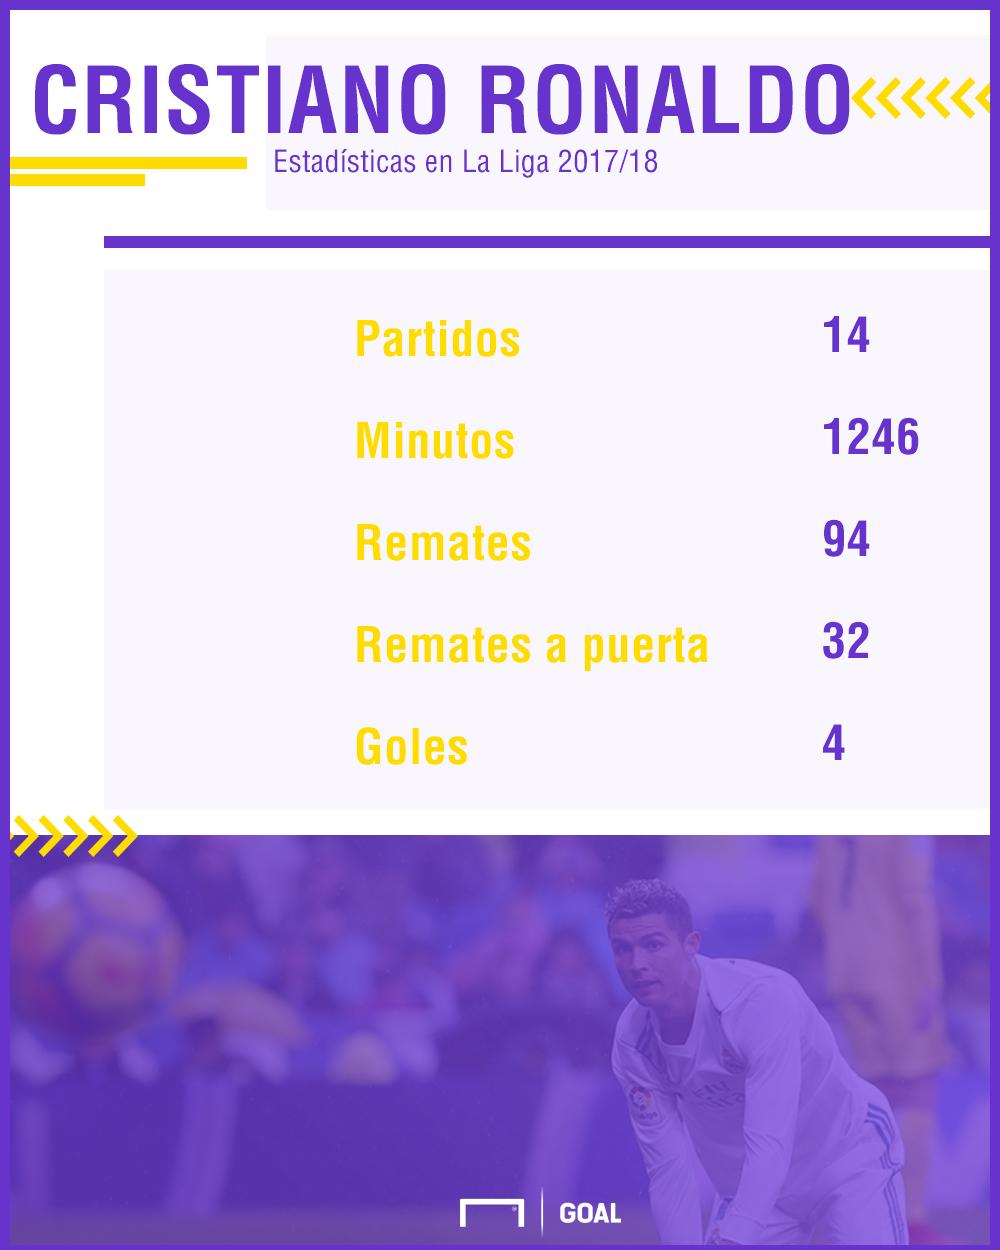 grafico ronaldo tras 19 partidos